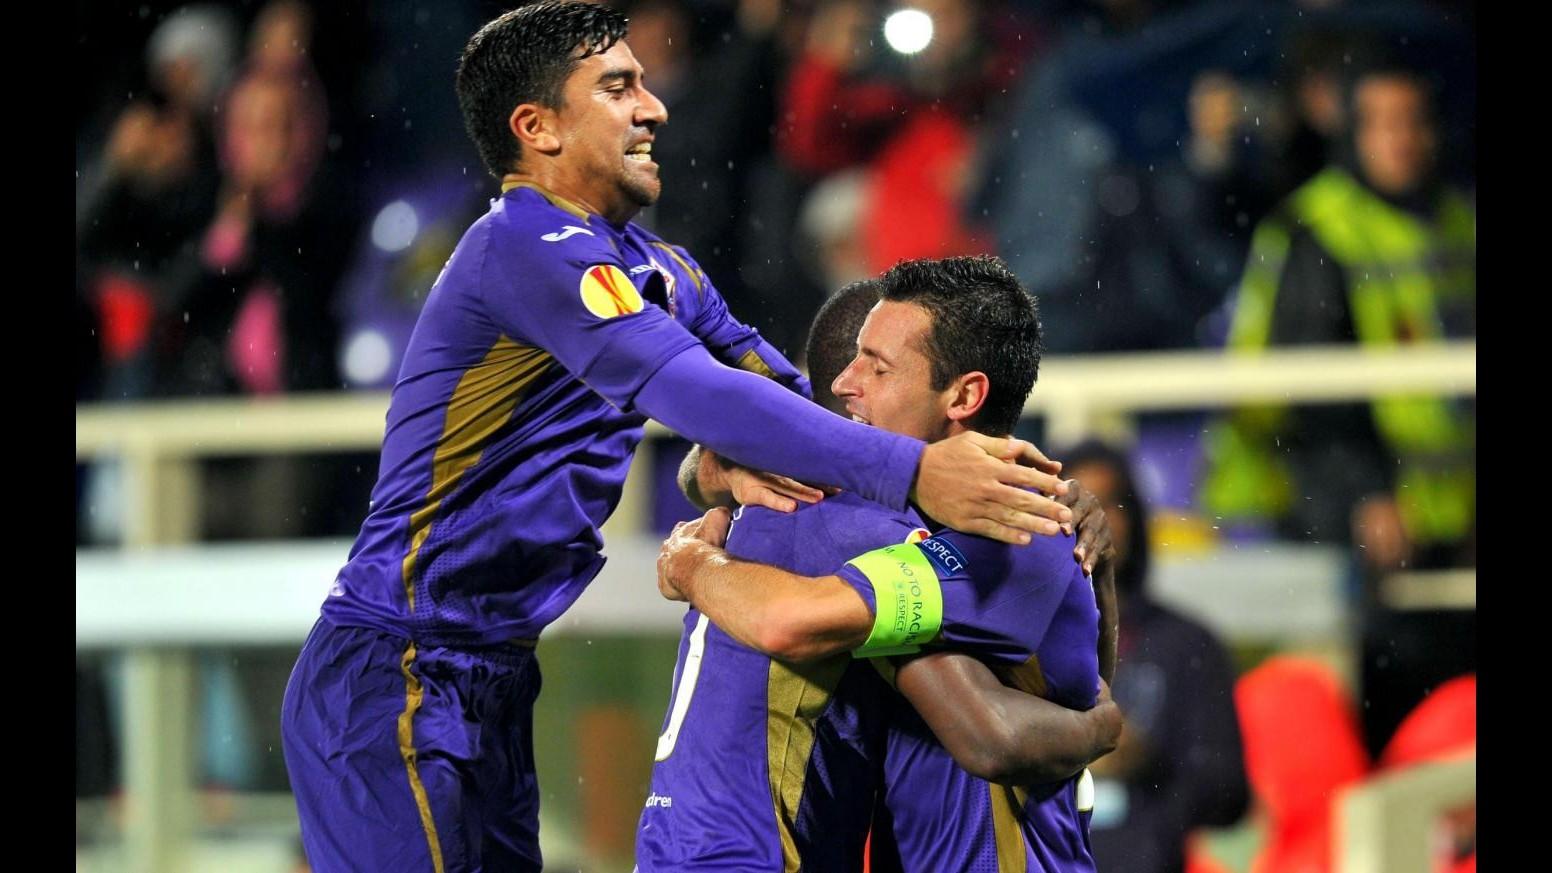 Europa League: Paok ferma Fiorentina al Franchi, ma Pasqual regala qualificazione